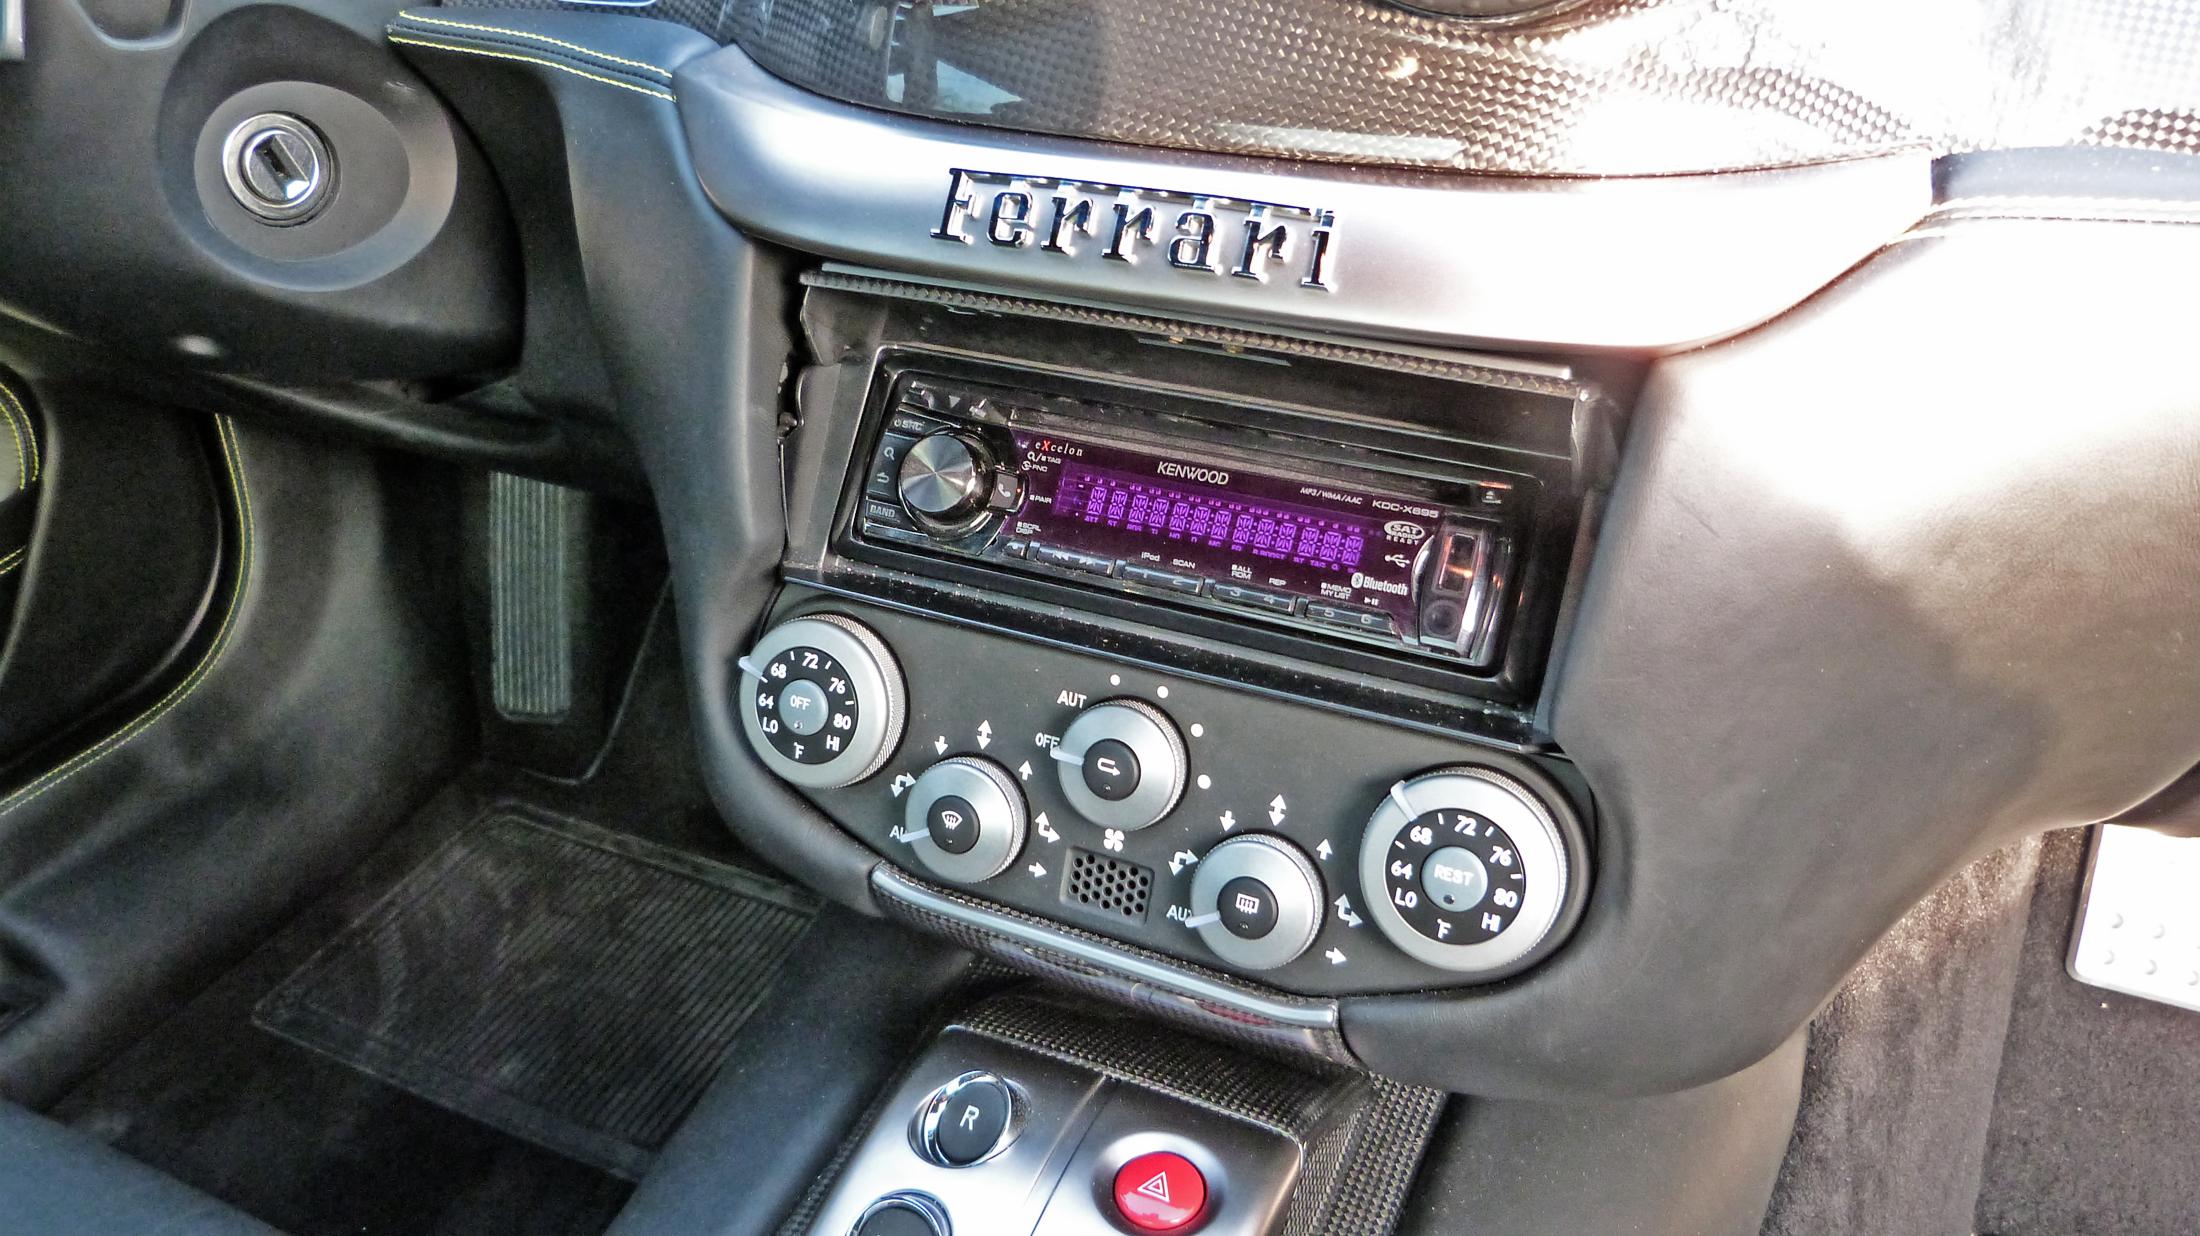 Ferrari 599 Gtb Santa Fe Auto Sound